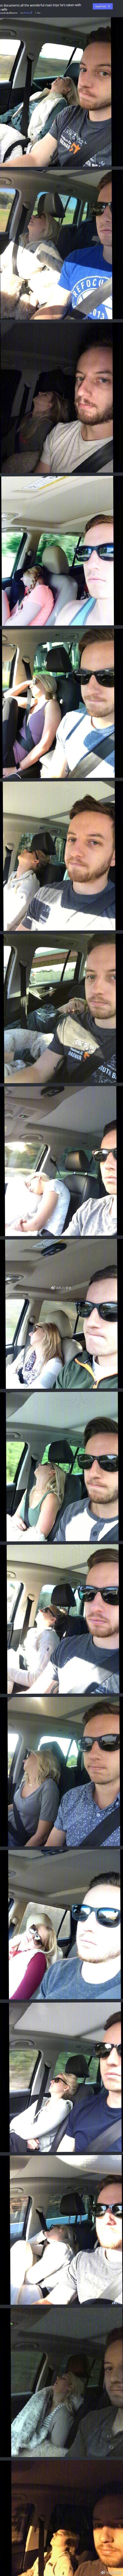 国外一男子记录下与妻子一起的愉快旅程